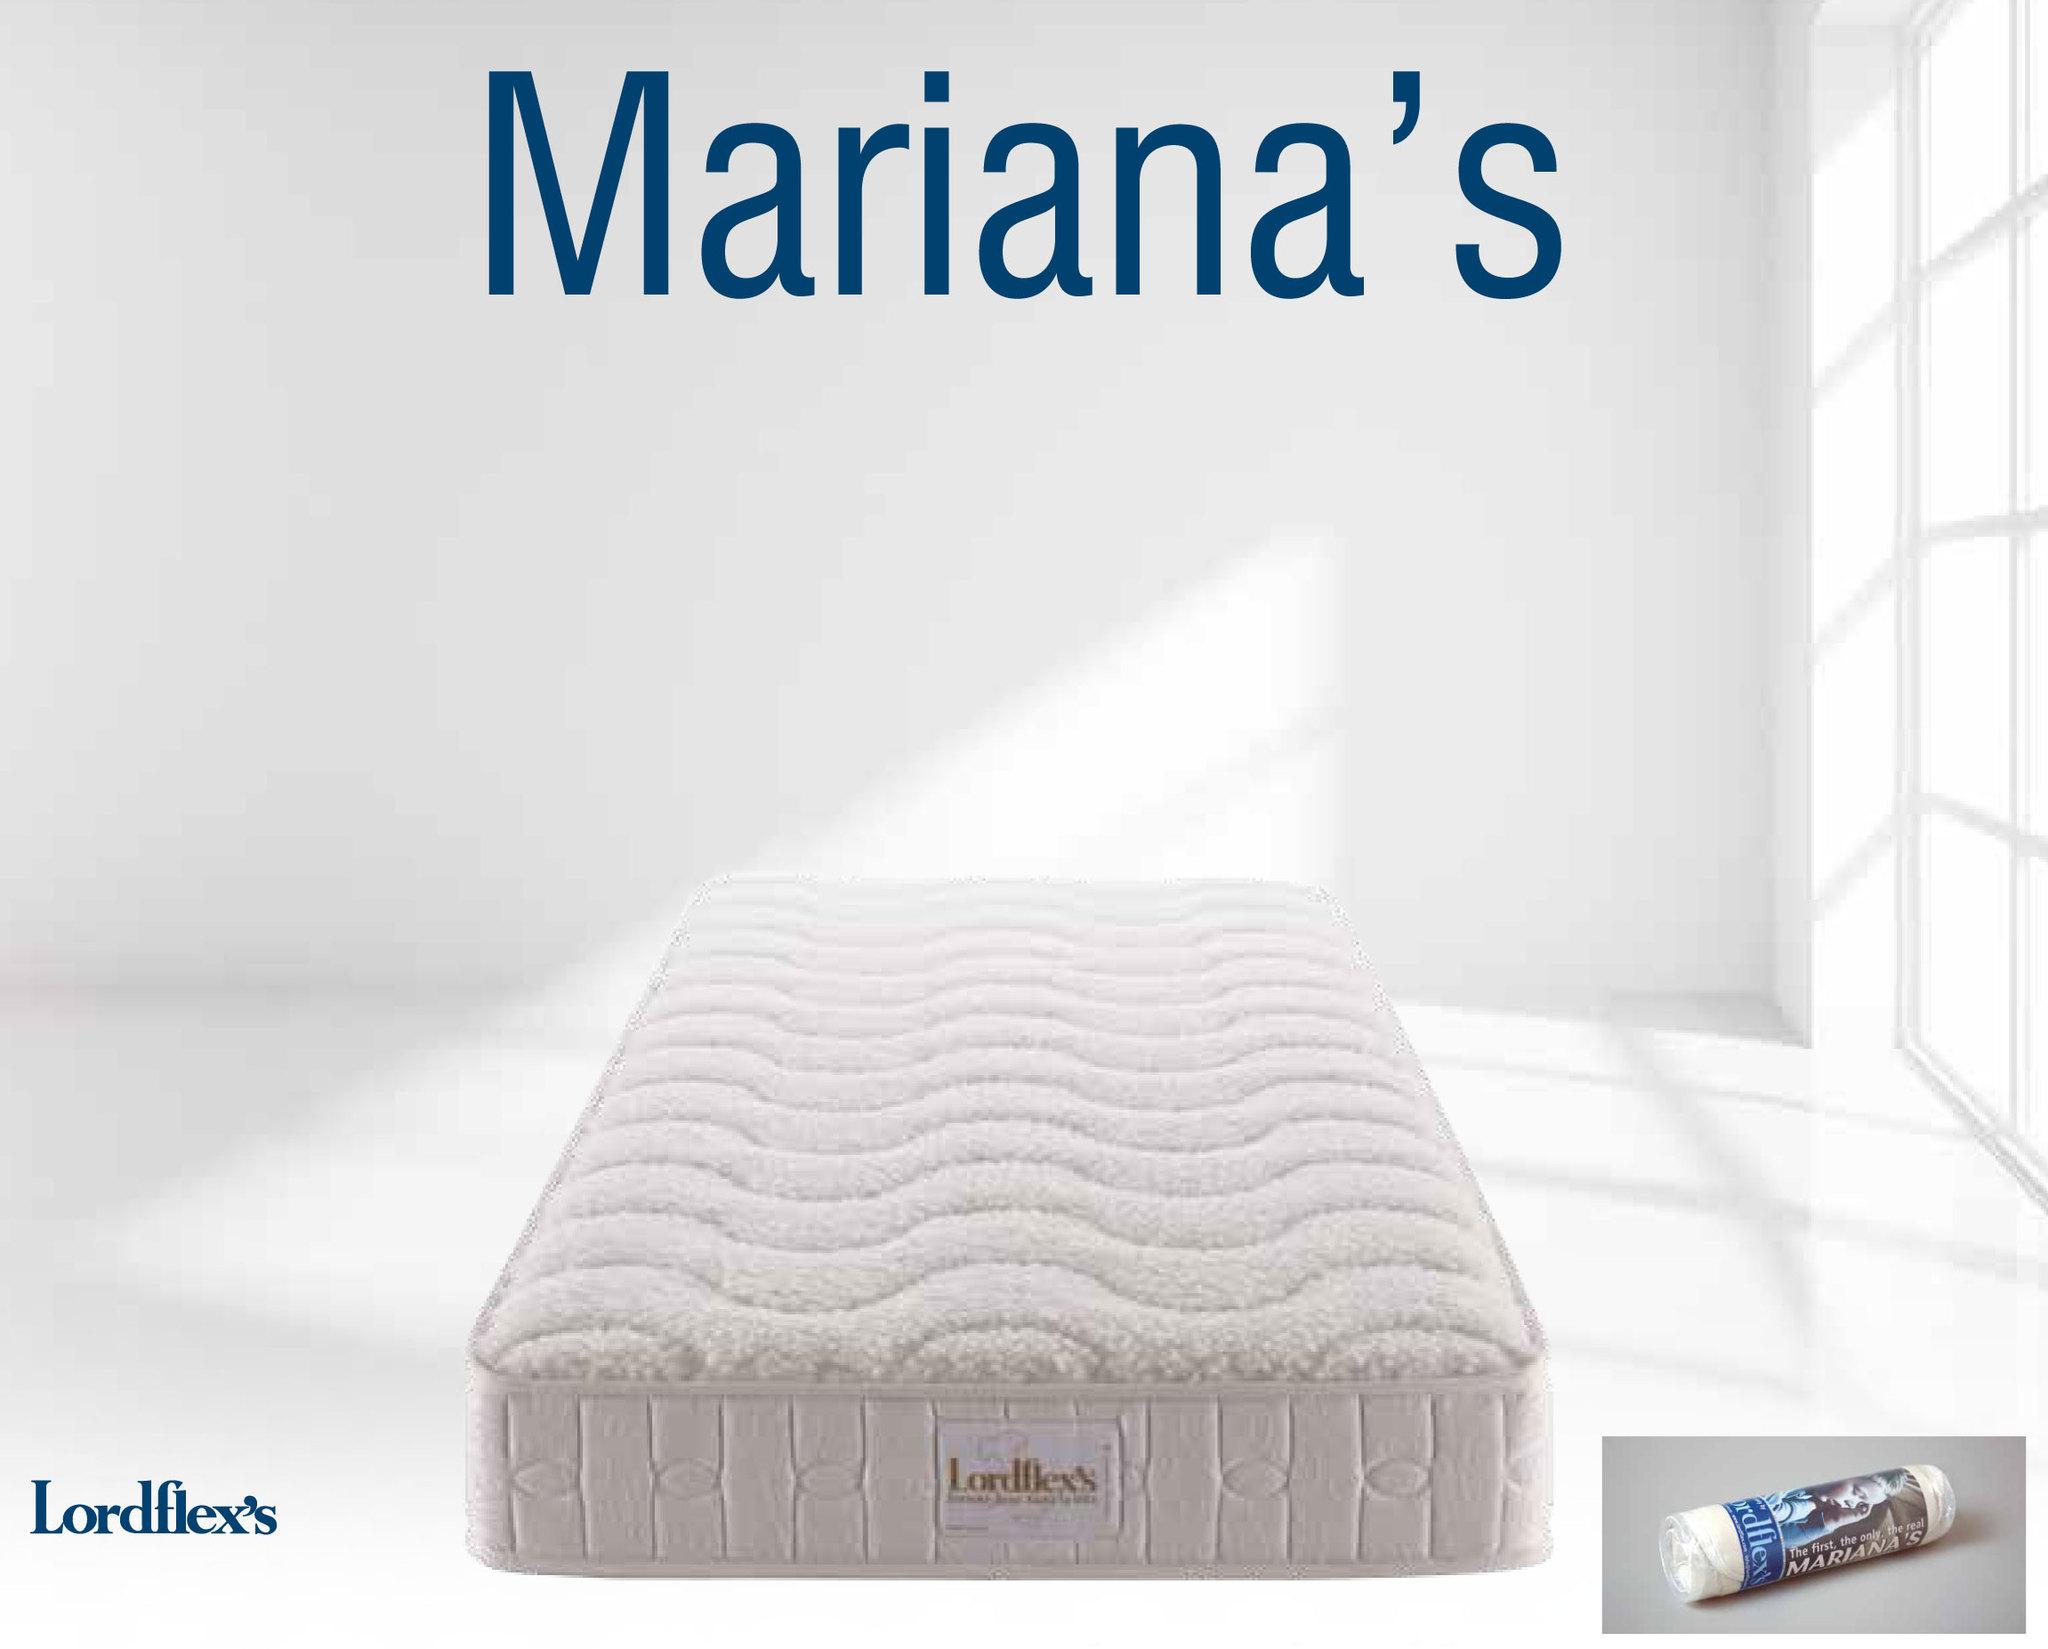 Матрасы Матрас ортопедический Lordflex's Mariana's 90х180 до 140 кг в вакуумной упаковке 1_Mariana_s.jpg